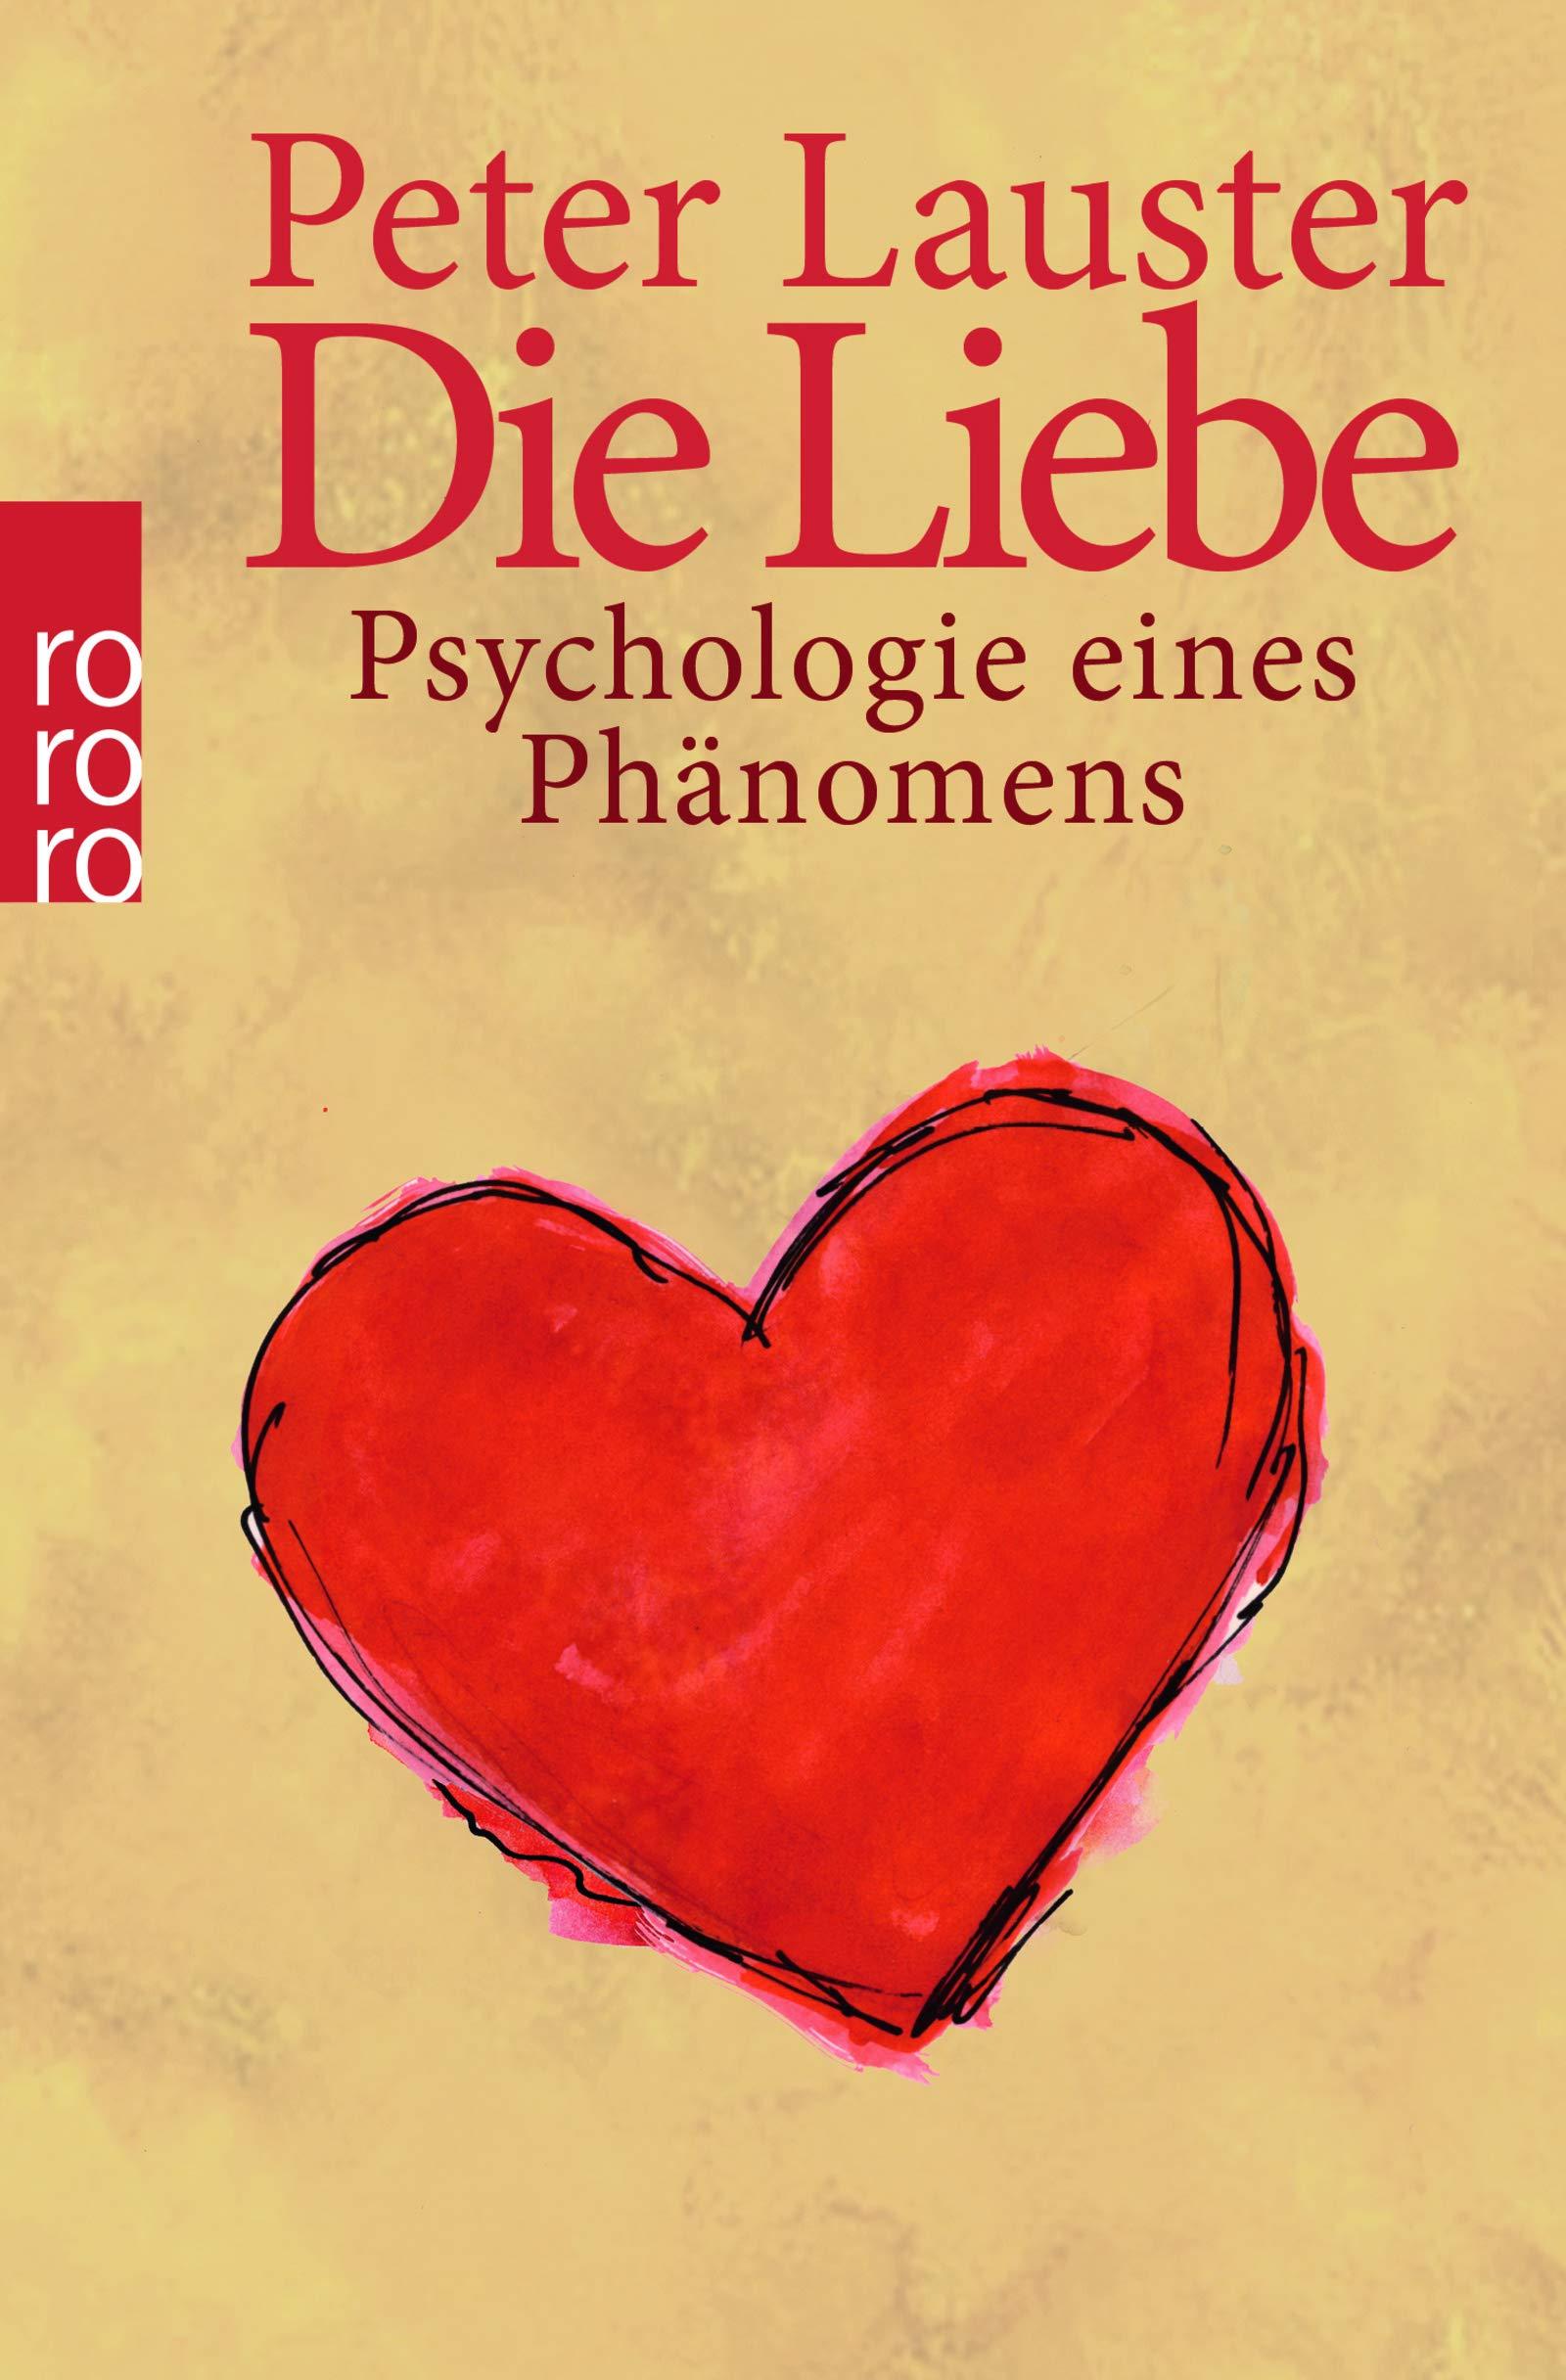 Die Liebe: Psychologie eines Phänomens Taschenbuch – 2009 Peter Lauster Rowohlt 3499176777 Geschlechter